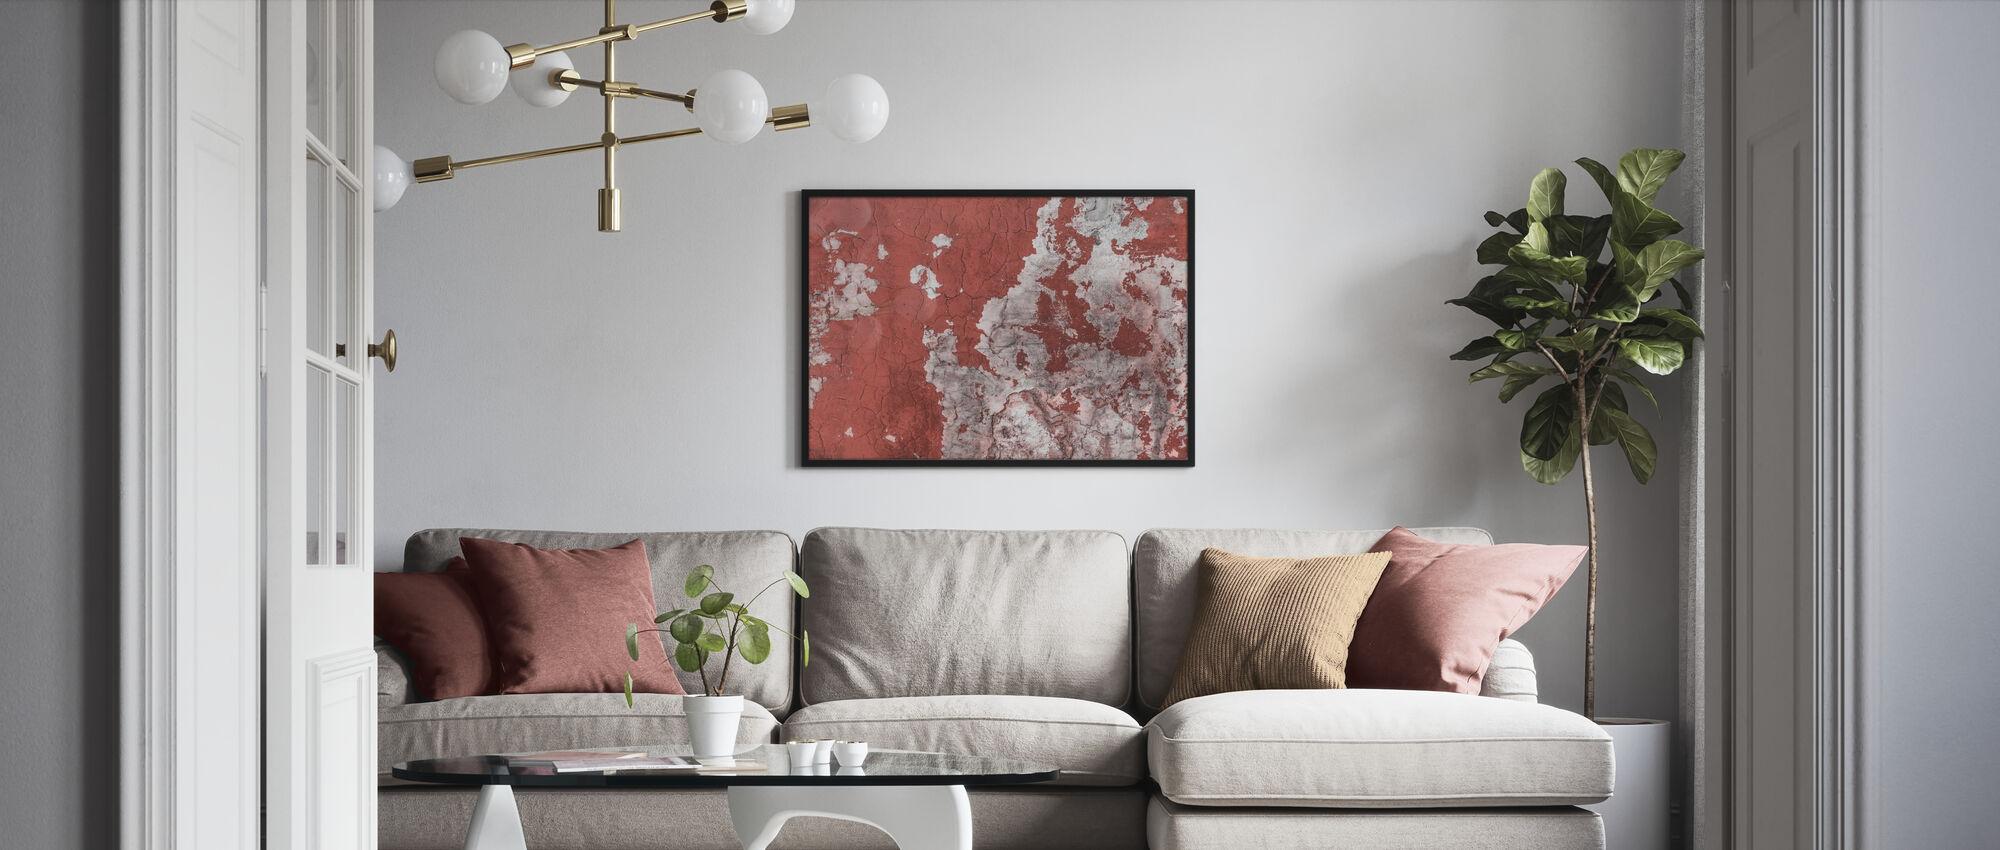 Pesty pois ruskea seinä - Kehystetty kuva - Olohuone